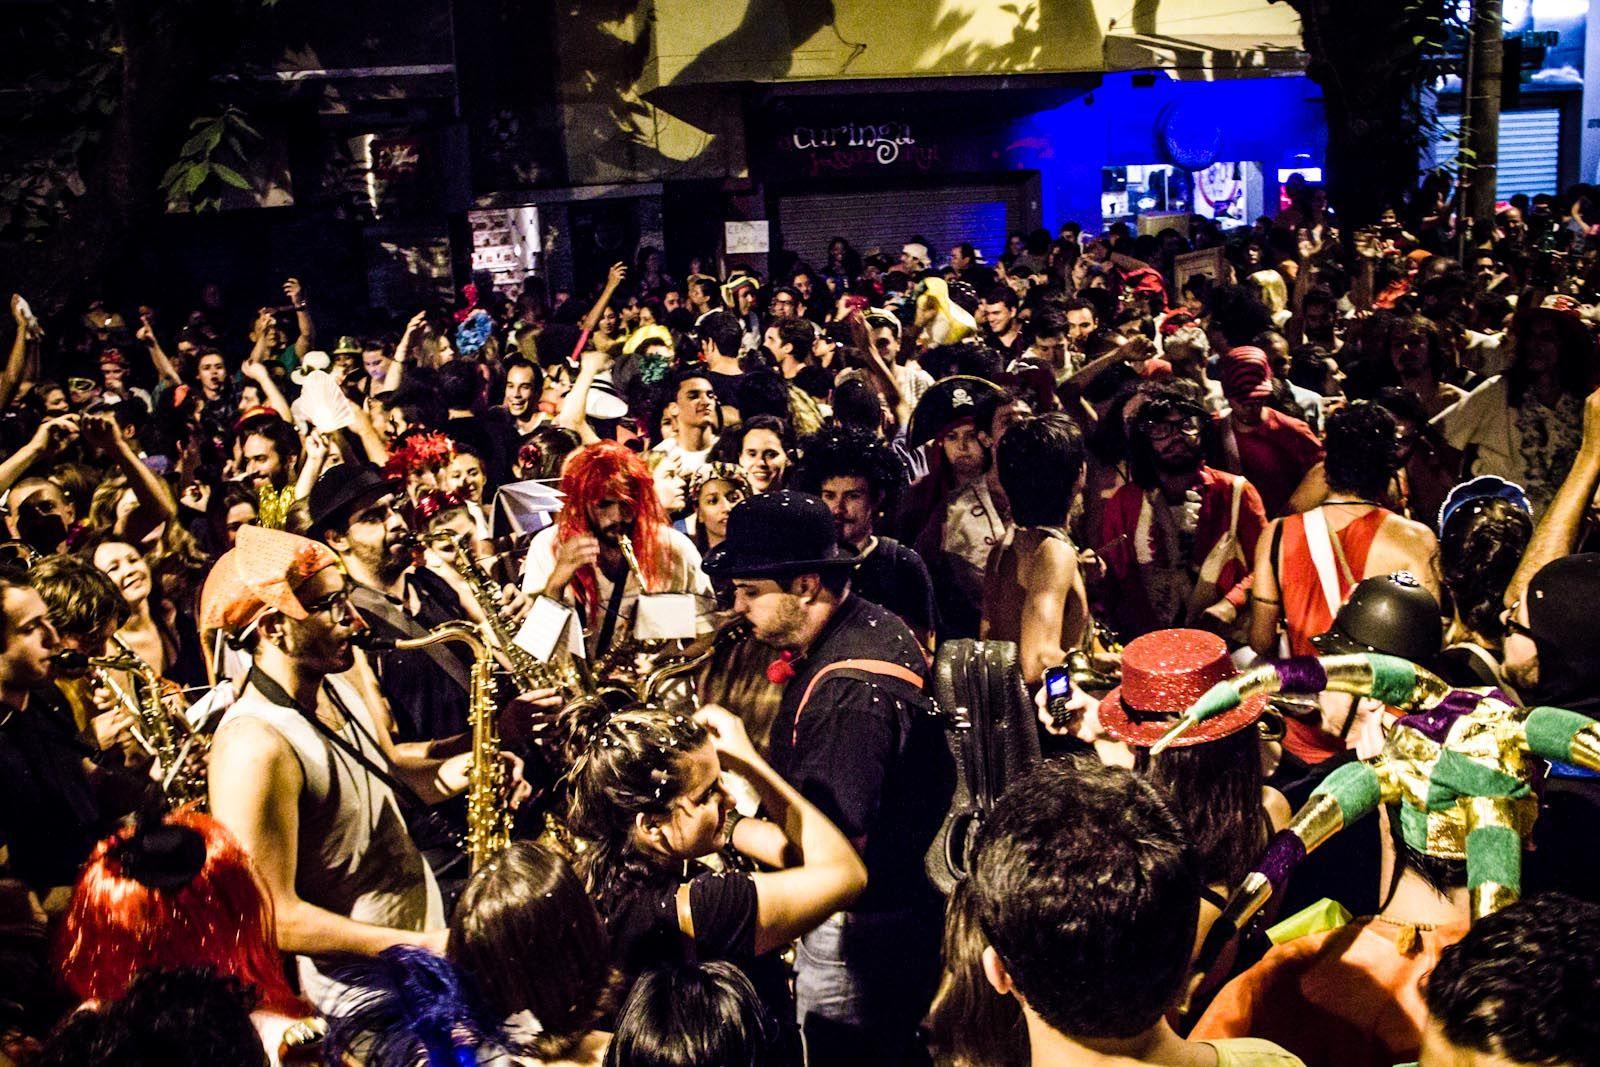 https://flic.kr/p/dTnCT3 | Bloco do Beijo Elétrico • Belo Horizonte | Bloco do Beijo Elétrico desfila na Praça da Savassi em Belo Horizonte.   08/02/2013  (CC BY-SA) Fora do Eixo